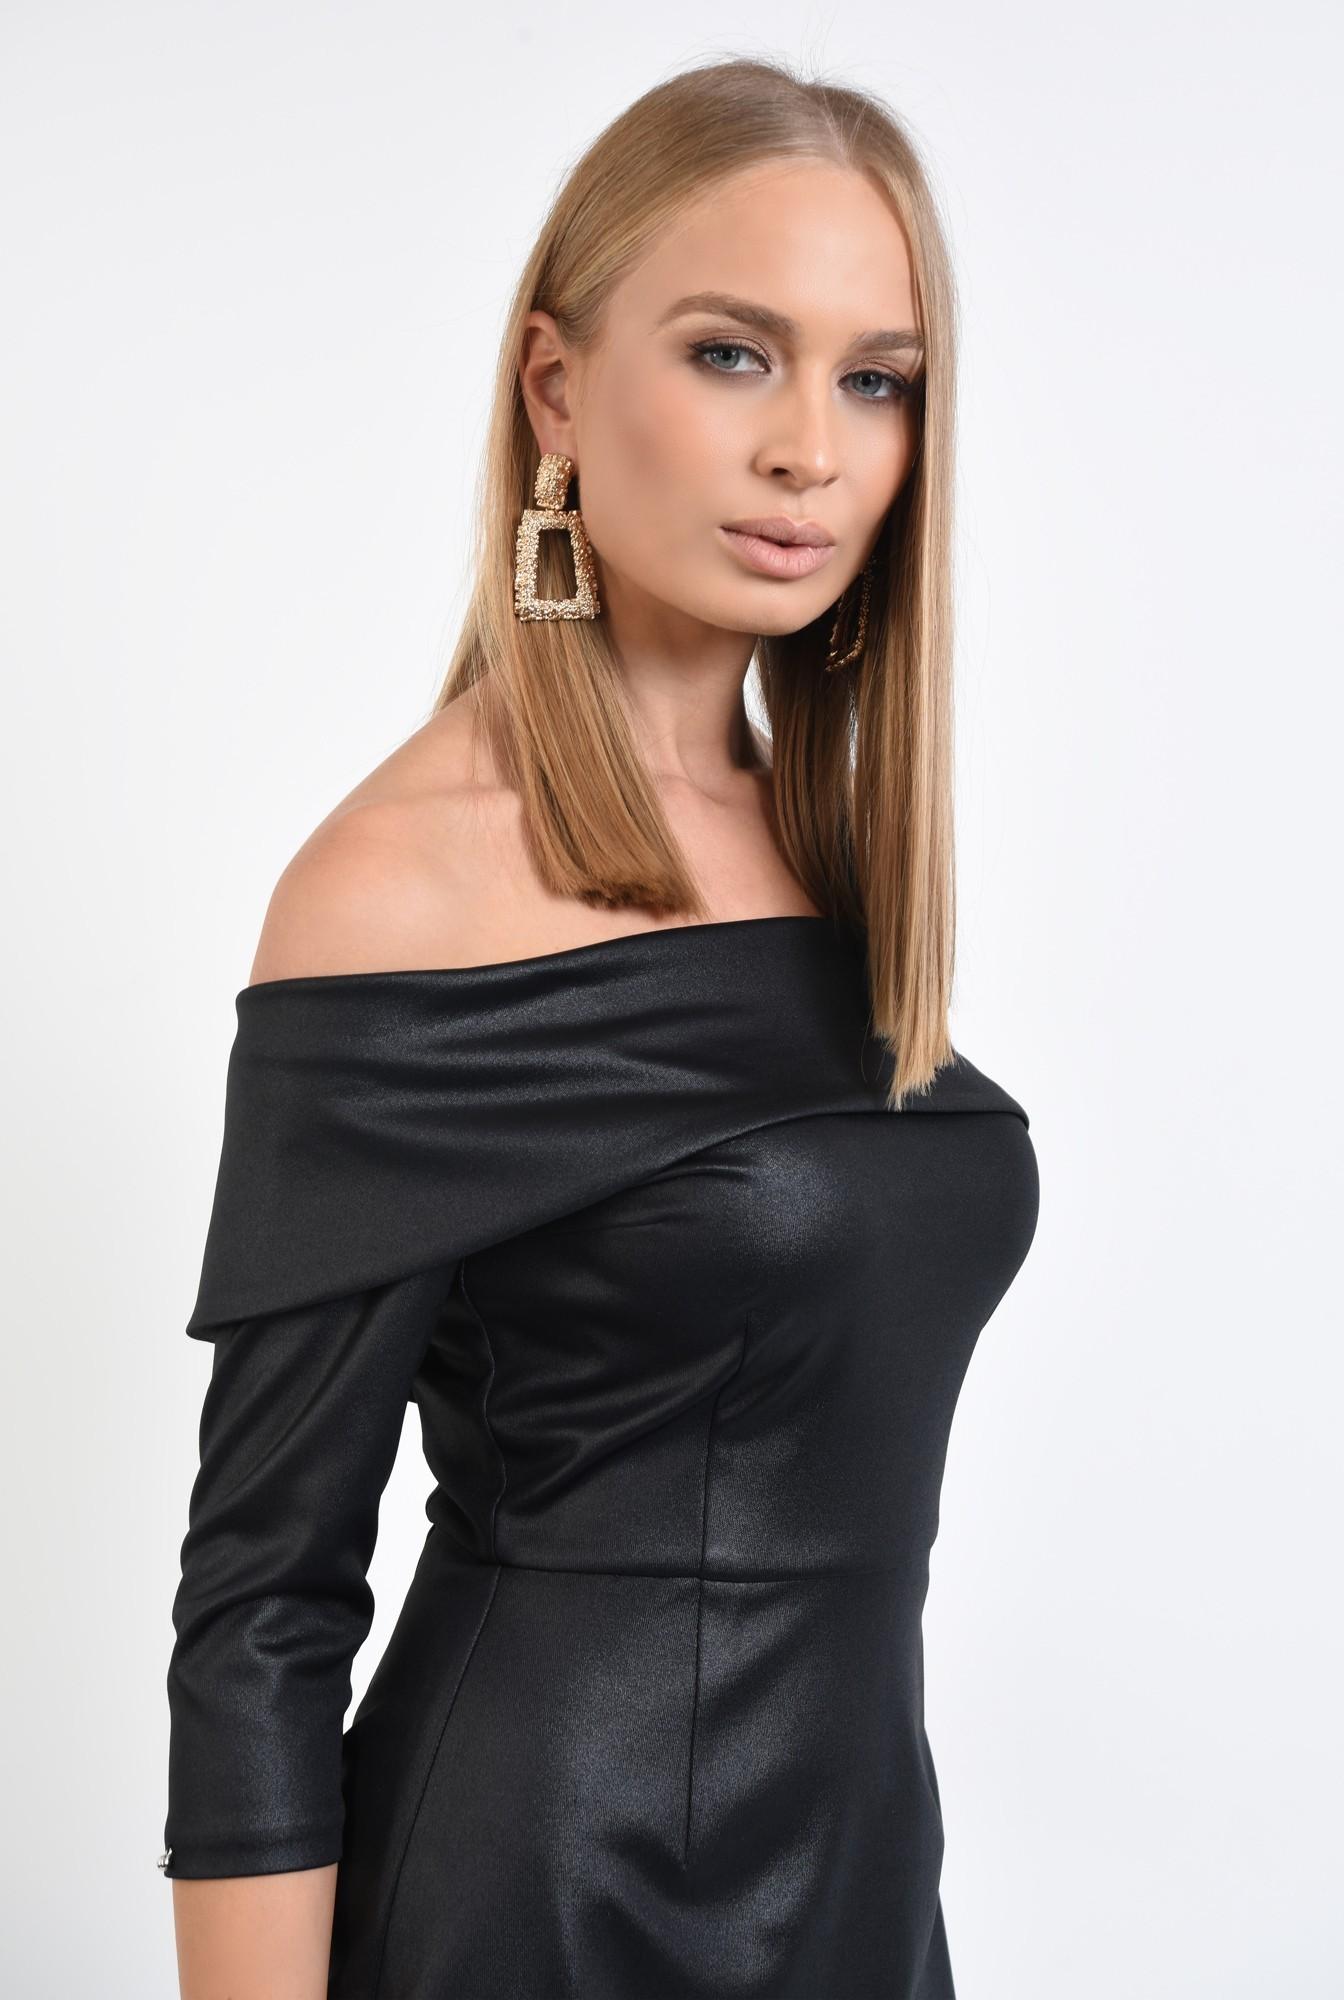 2 - rochie de seara, neagra, umeri goi, cambrata, scurta